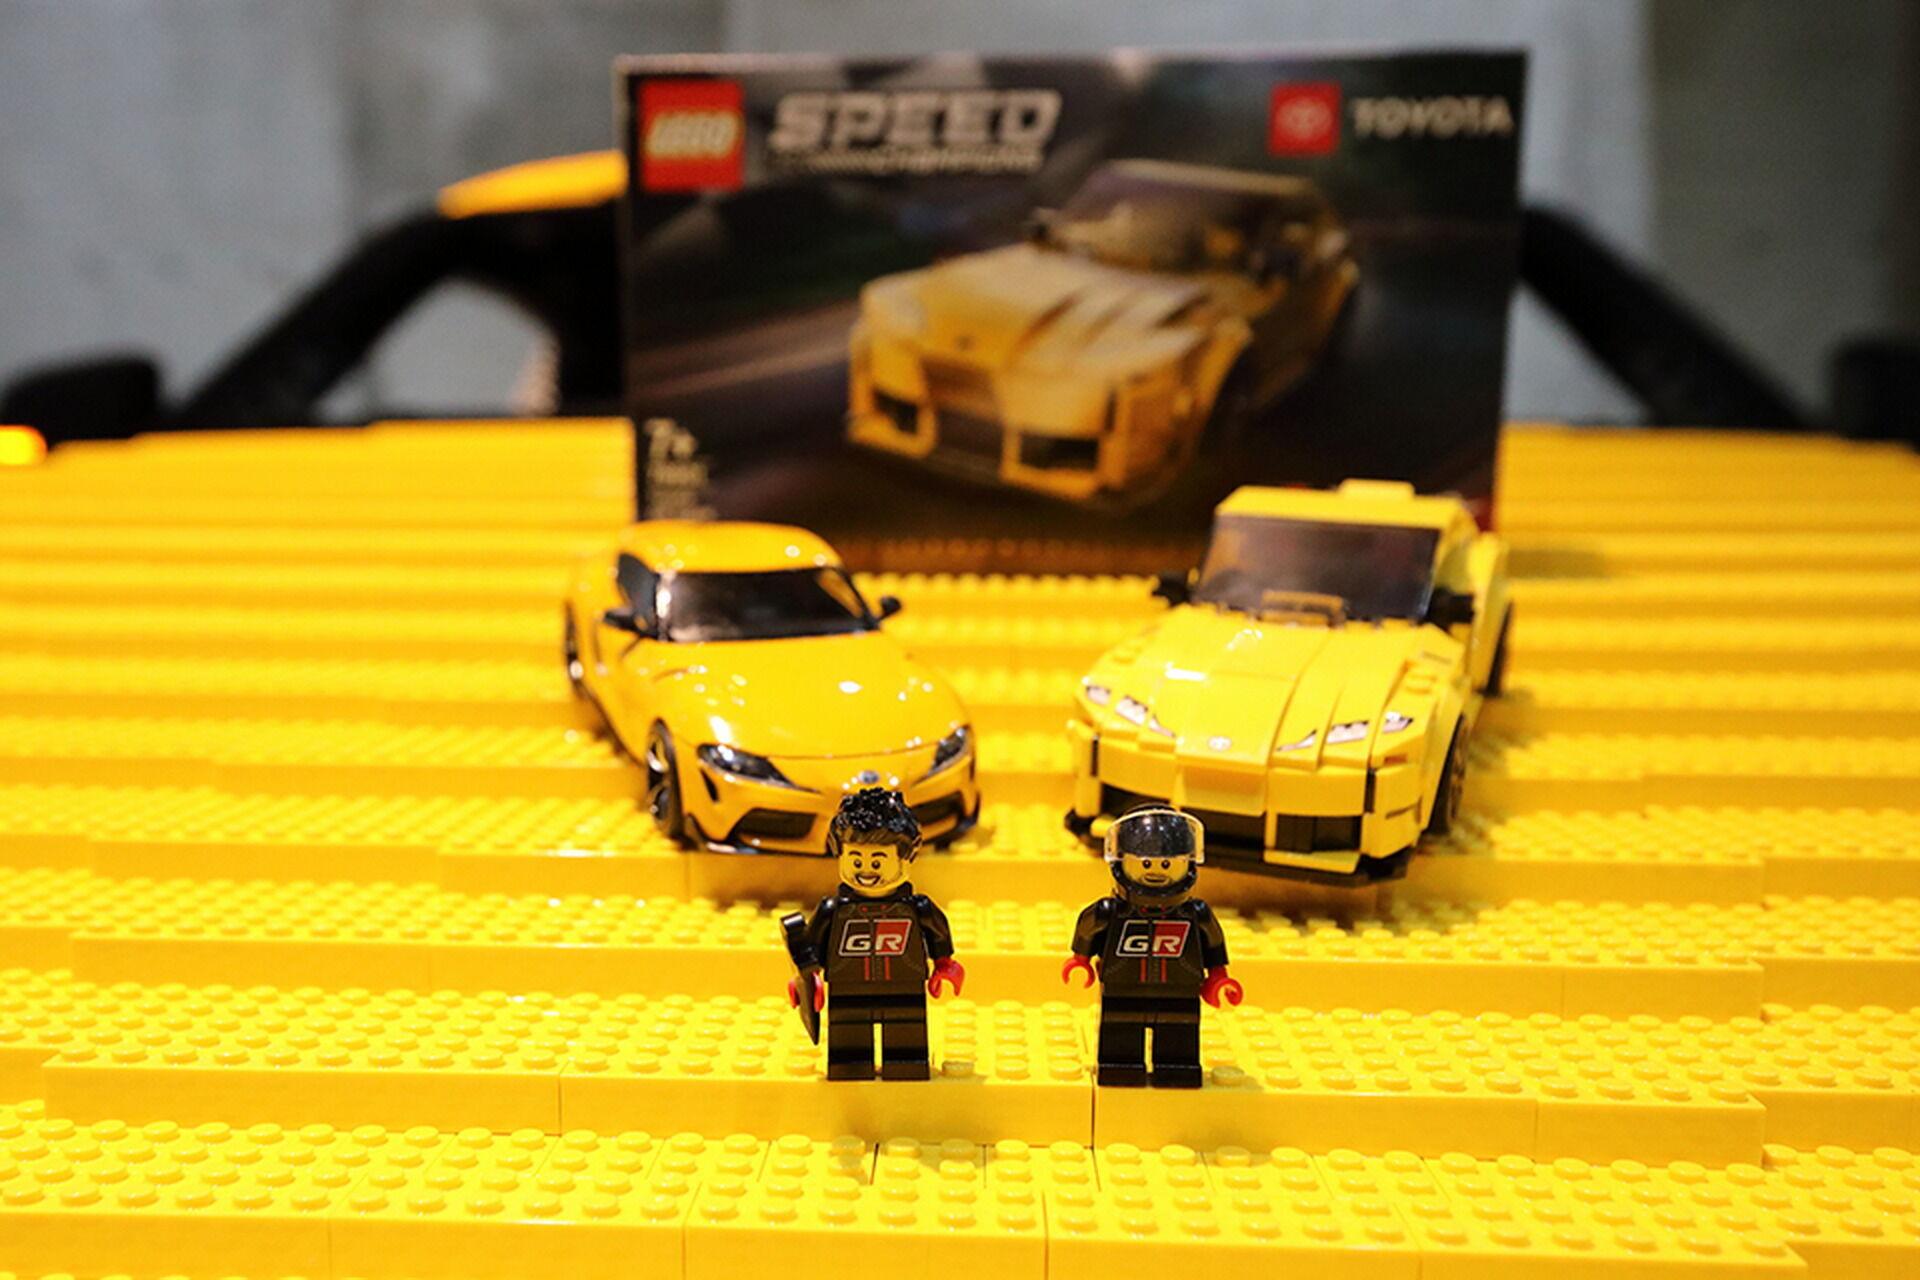 Lego GR Supra виготовлена не на продаж, але компанія може запропонувати мініатюрний варіант в серії Speed Champions за скромну суму в $20